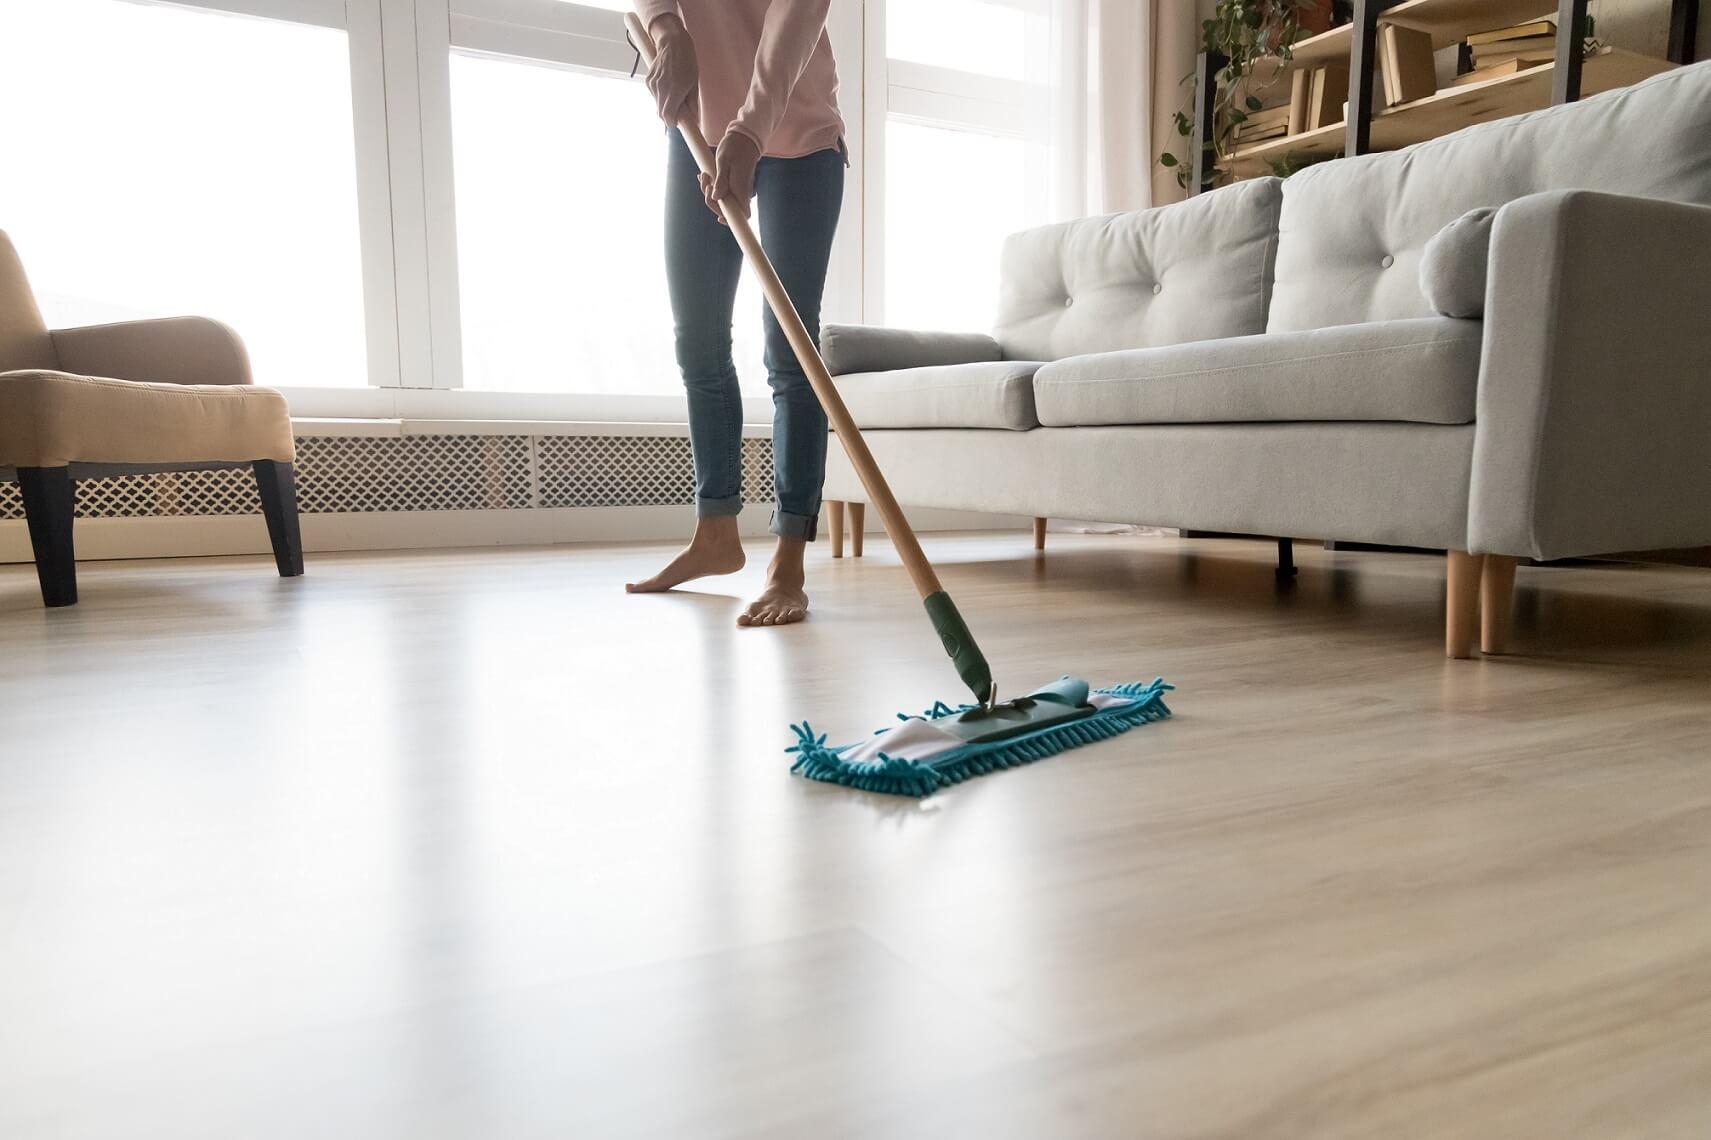 Jak čistit laminátovou podlahu?